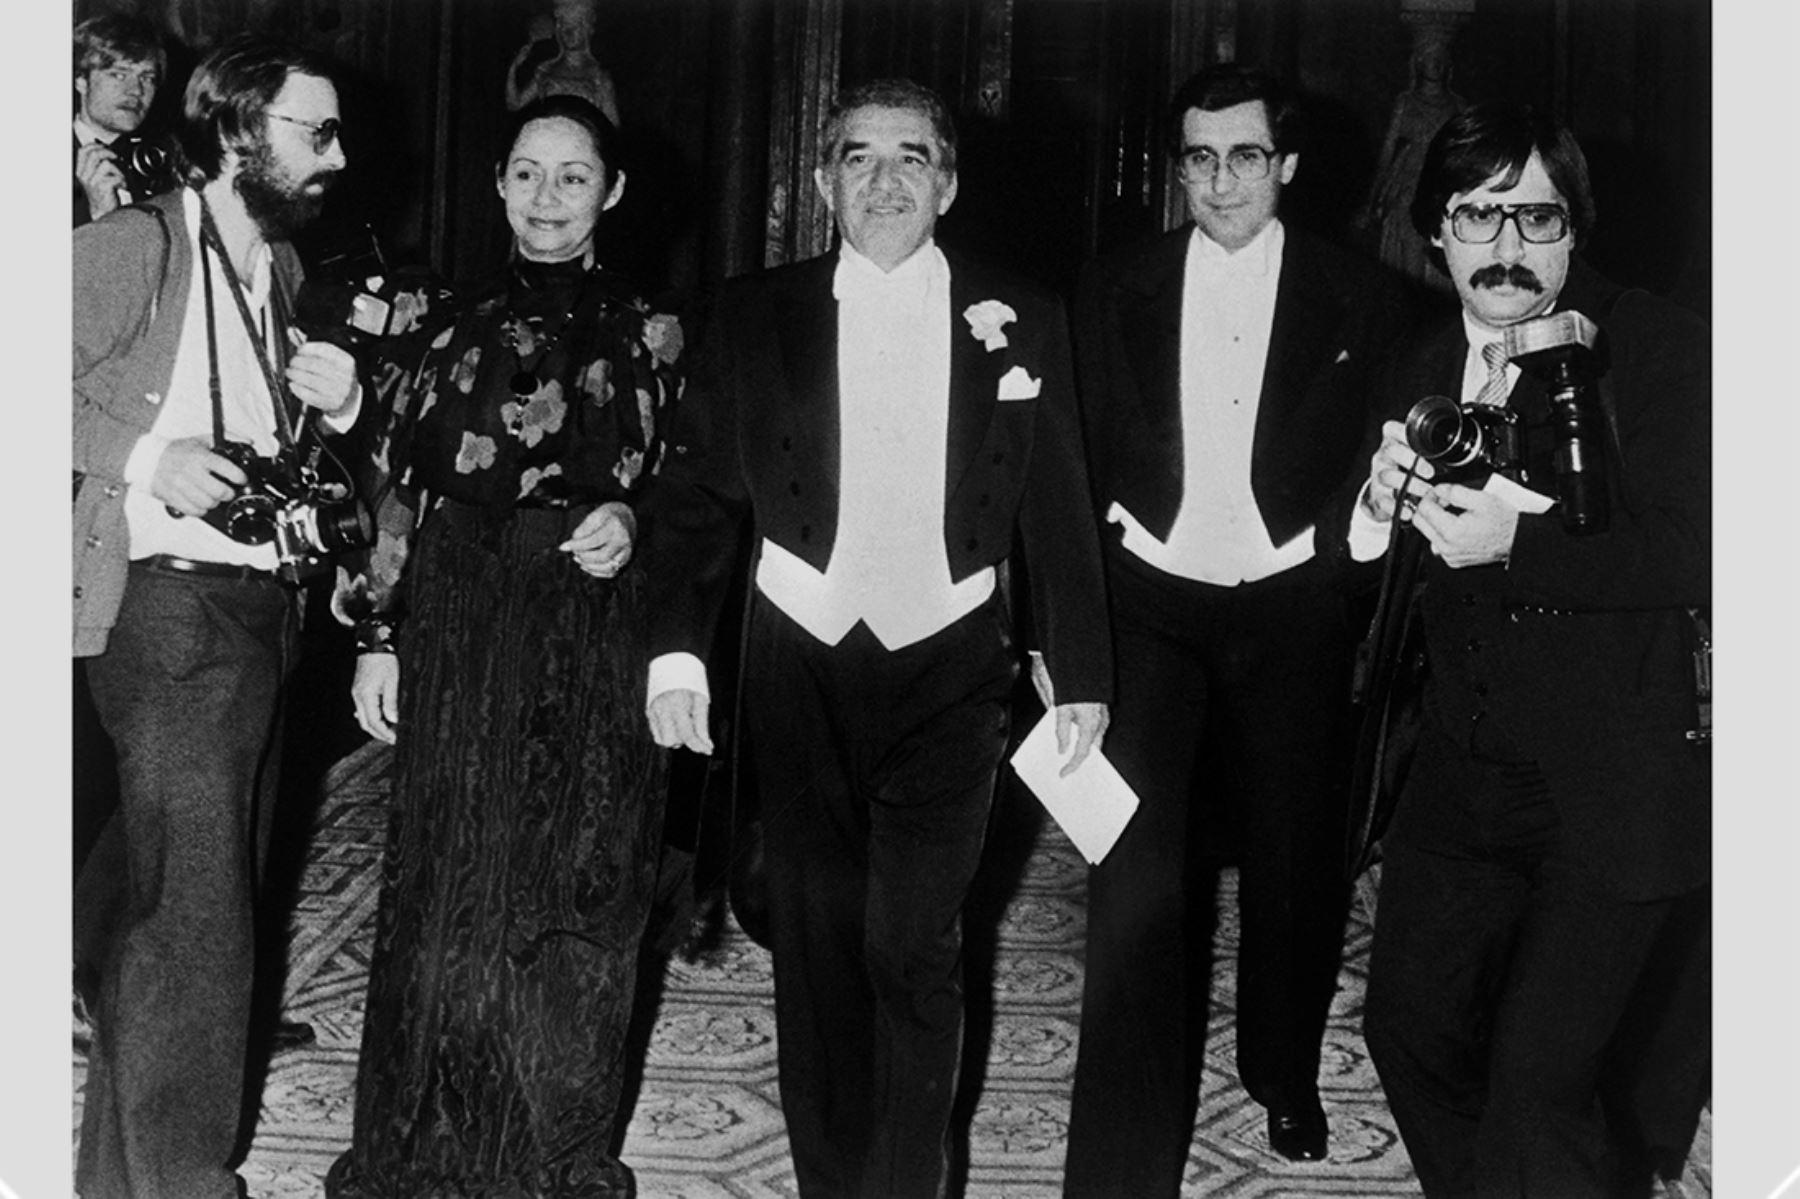 El escritor colombiano Gabriel García Márquez, premio Nobel de Literatura, posa acompañado por su esposa Mercedes Barcha y el ministro de Educación de Colombia, Jaime Arias Ramírez, el 11 de diciembre de 1982, en Estocolmo.  Foto: AFP